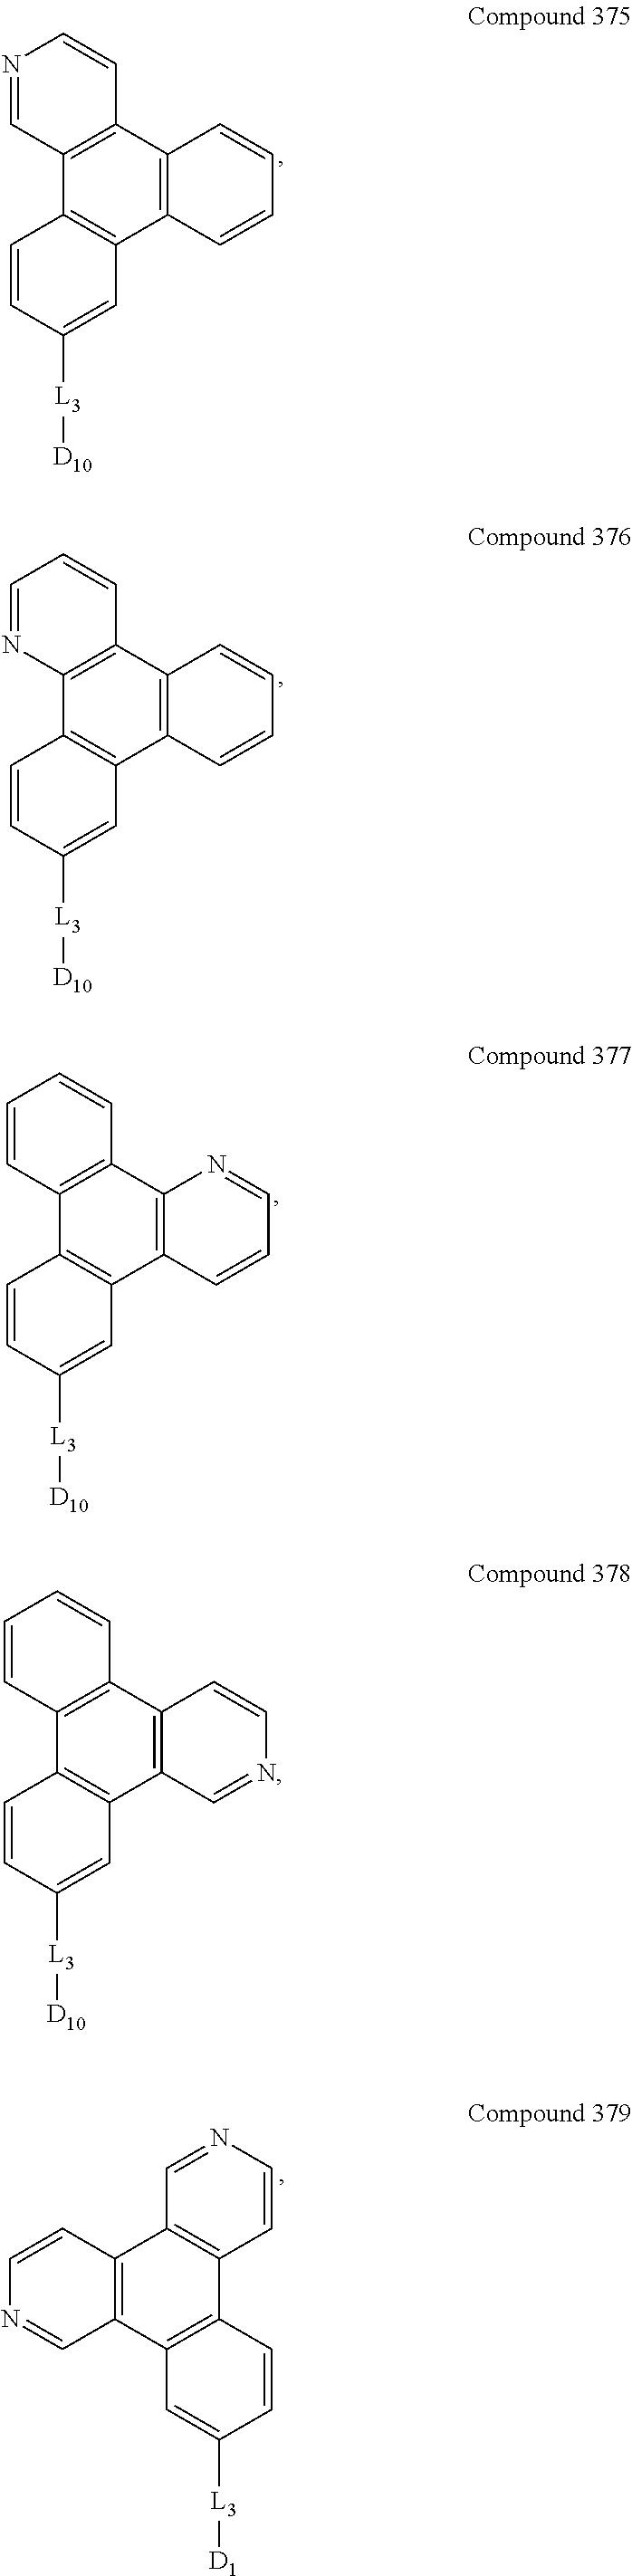 Figure US09537106-20170103-C00549